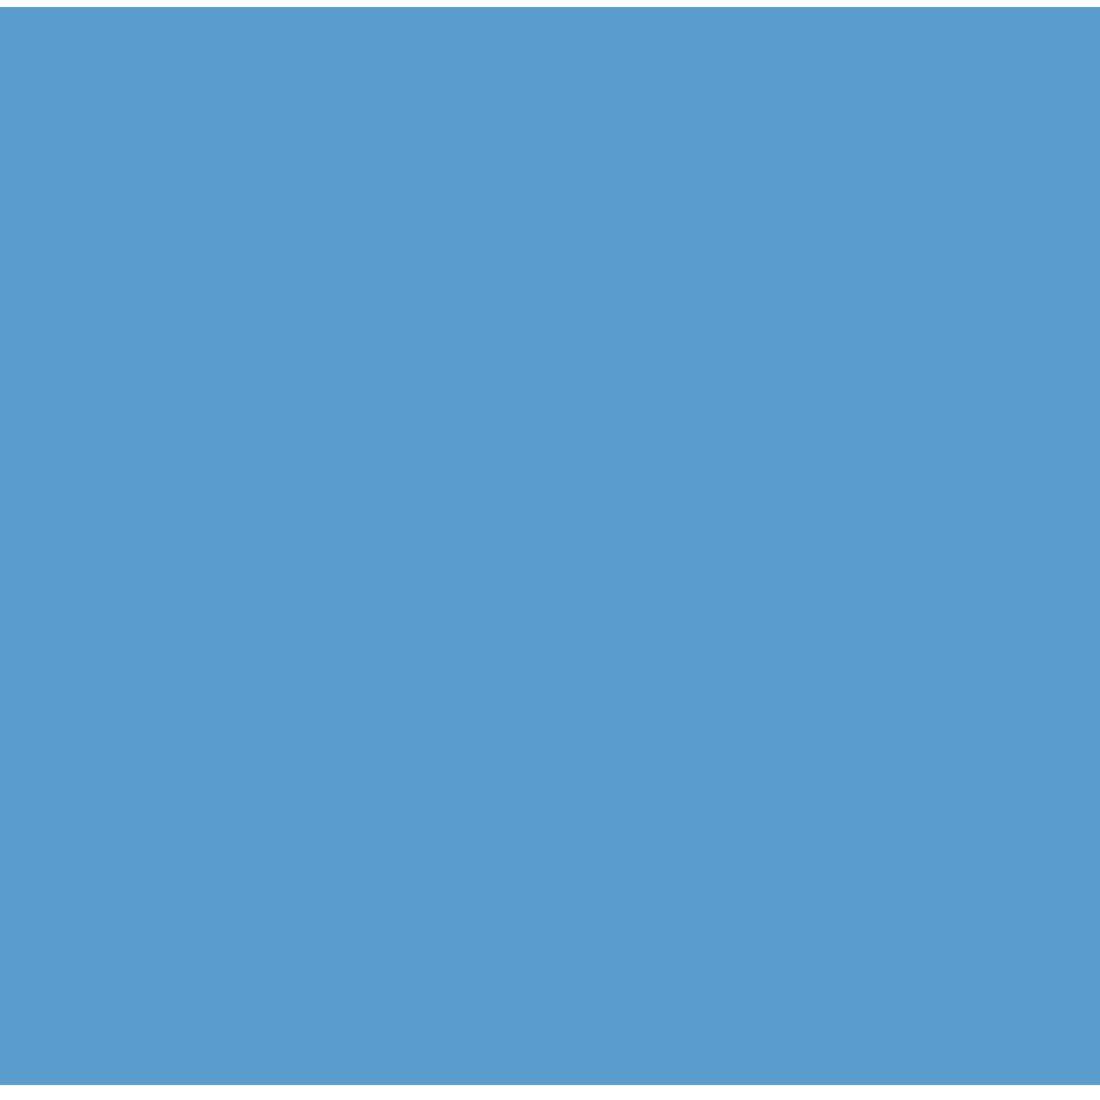 Pastilha Tecnogres 10 x 10 Azul Claro Brilhante Ref BR10160